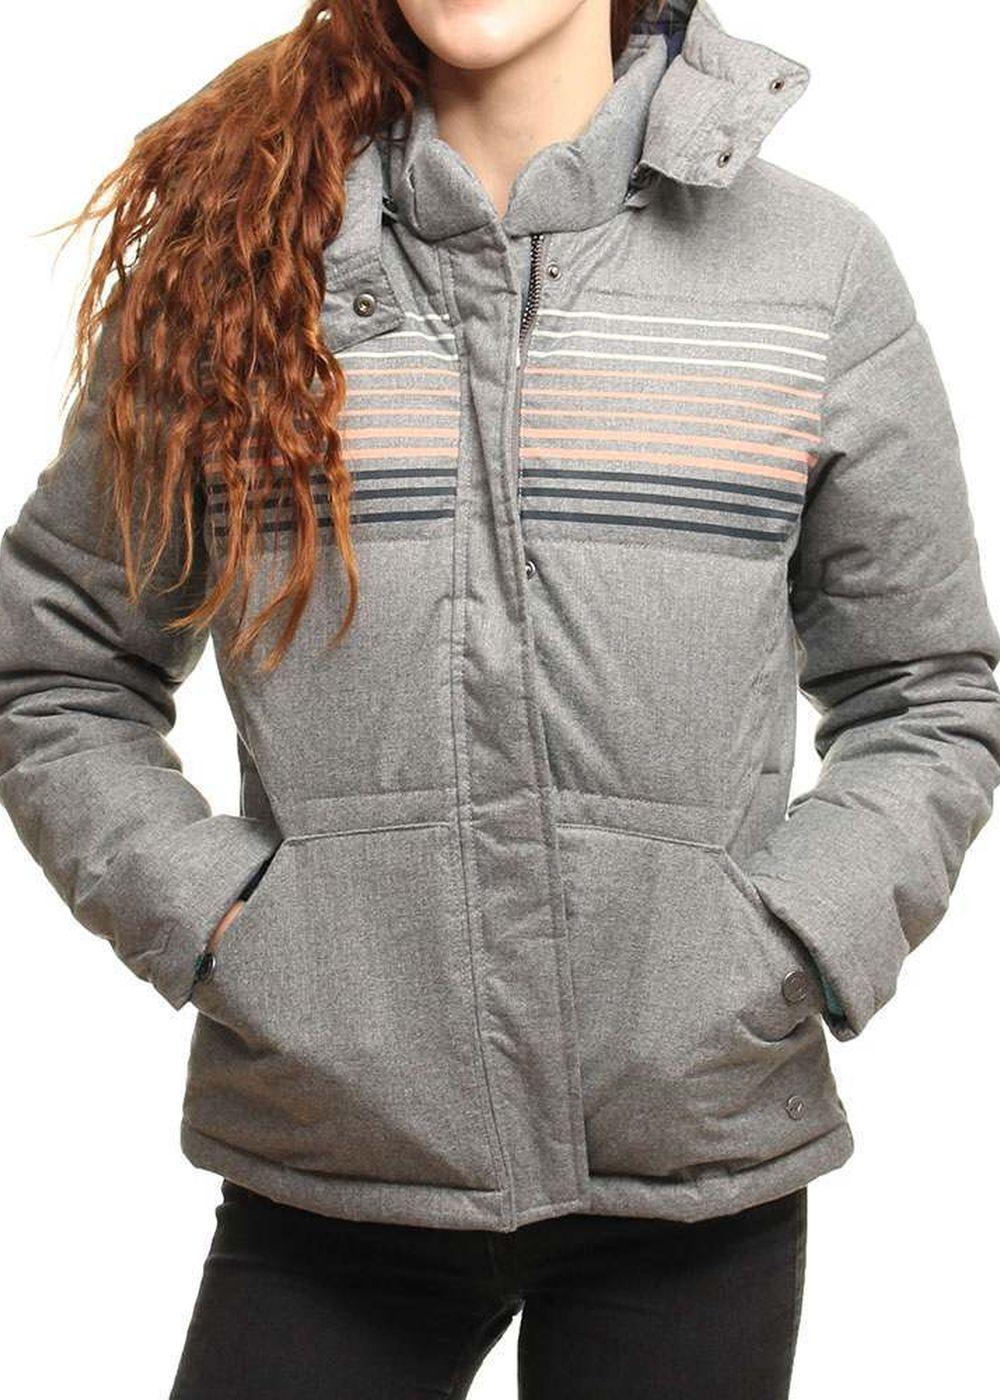 roxy-freedom-stripe-jacket-charcoal-heather